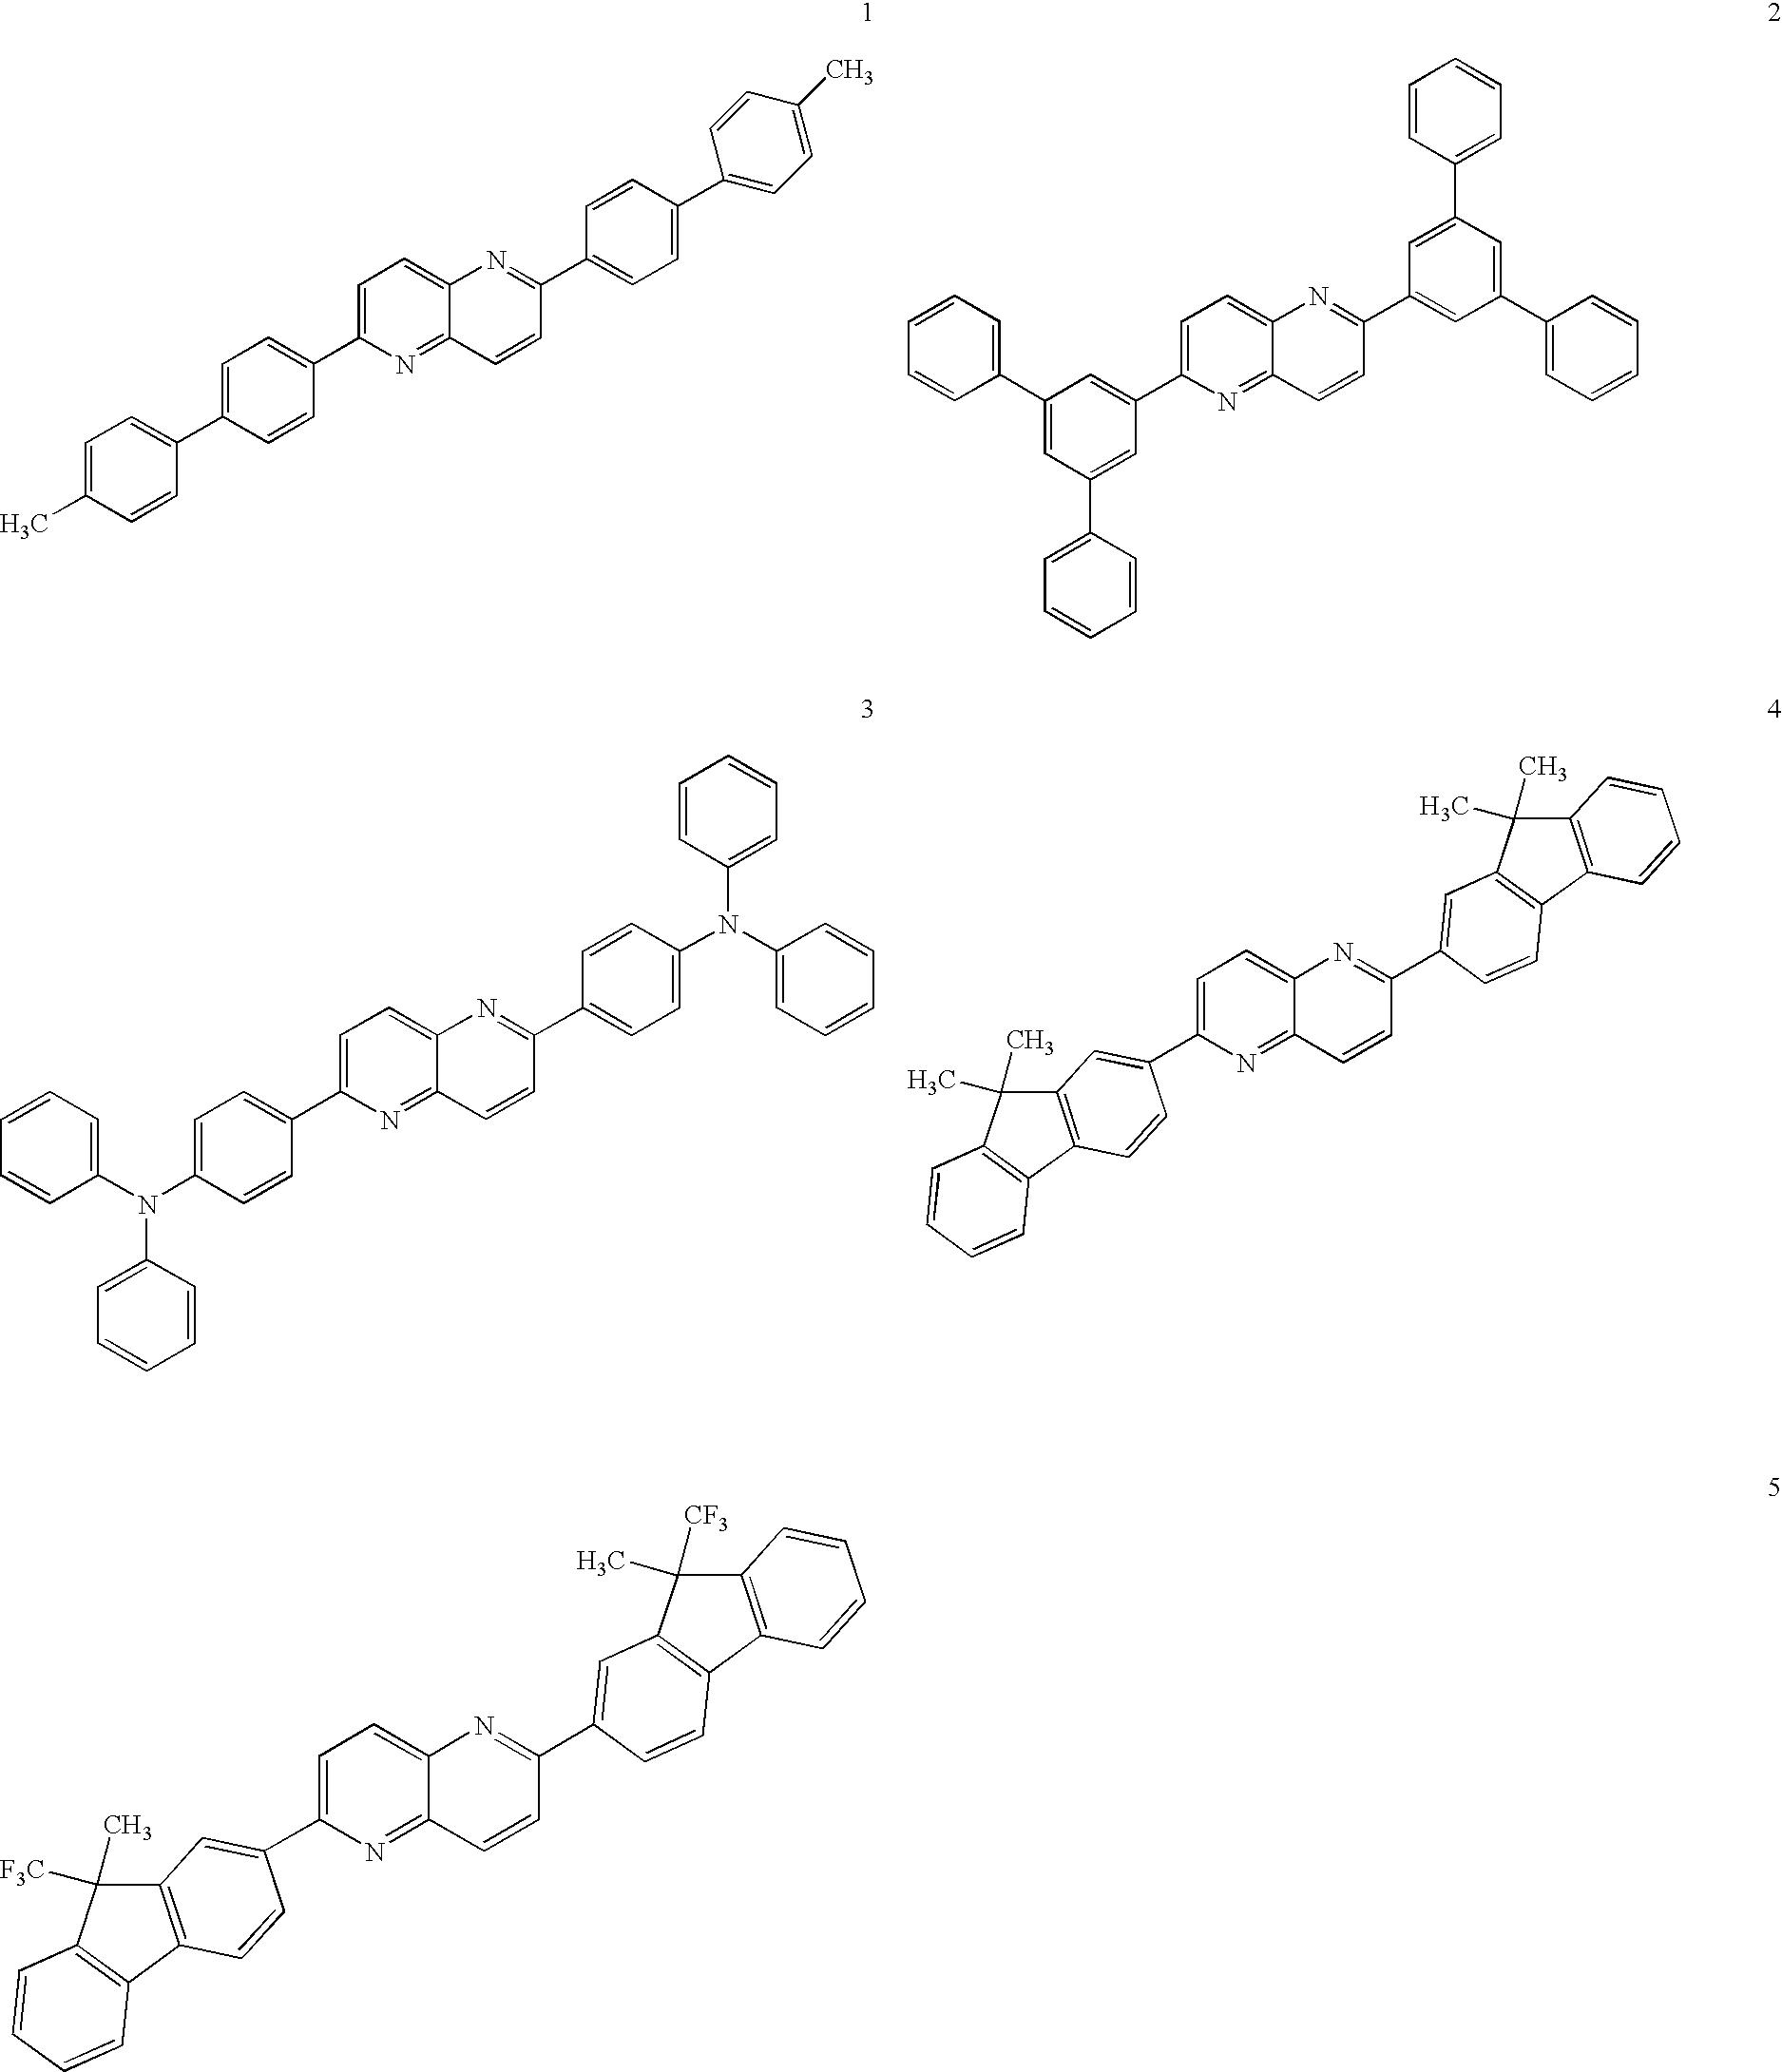 Figure US20080116789A1-20080522-C00005